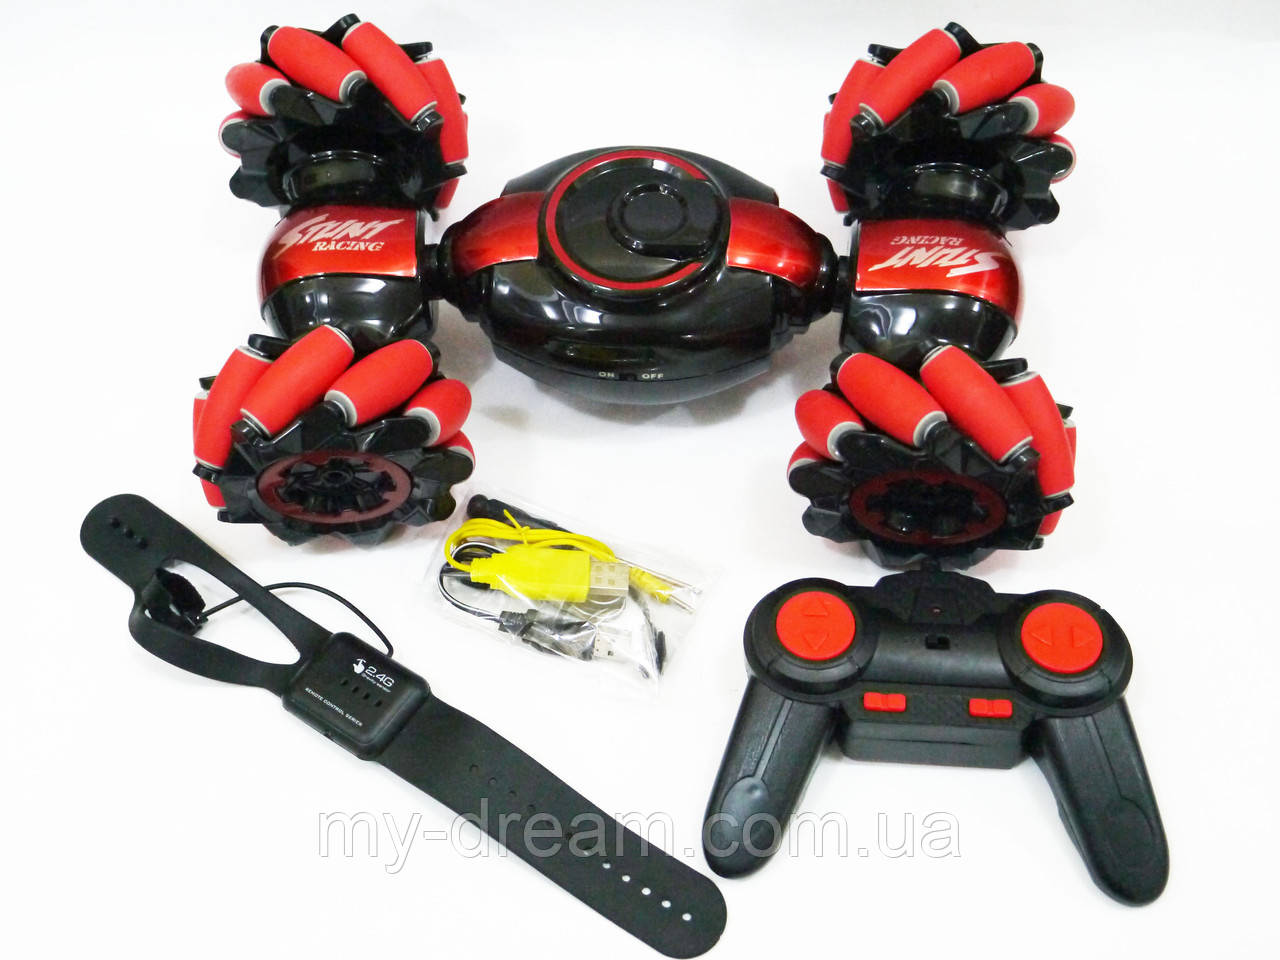 Машинка перевертыш на радиоуправлении + управление жестами Speed Pioneer Stunt 2nd Generation Red